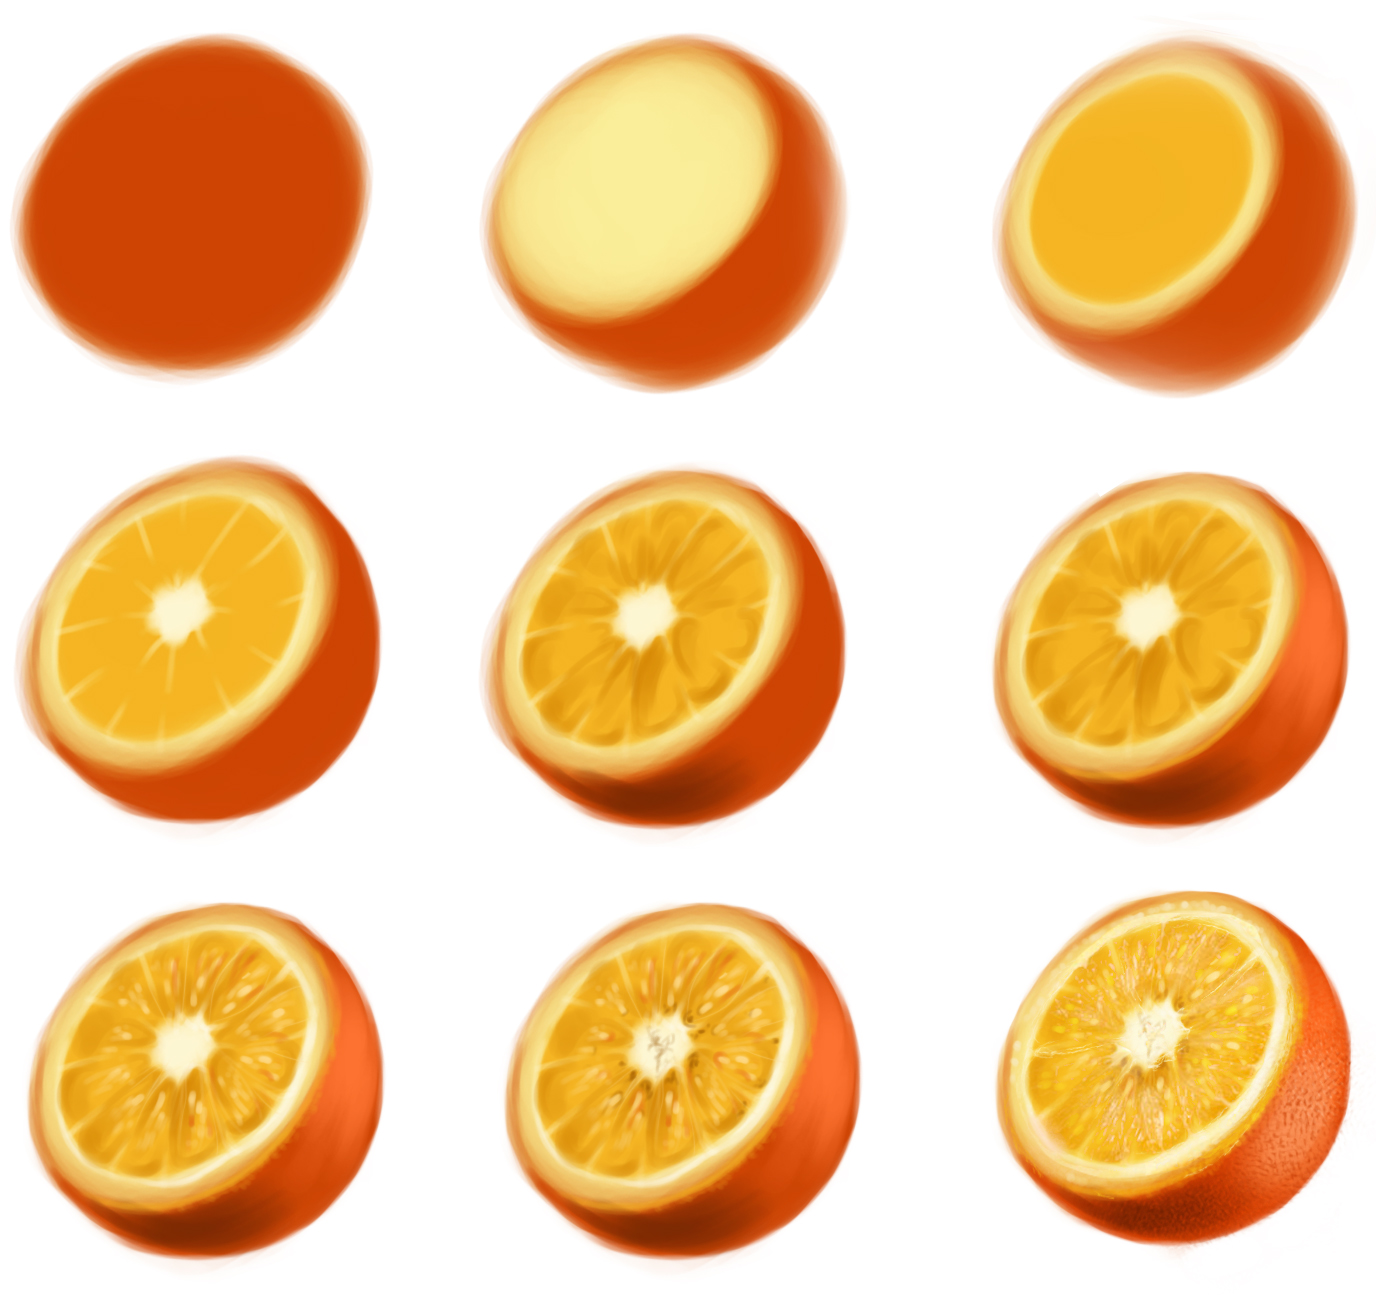 orange - step by step